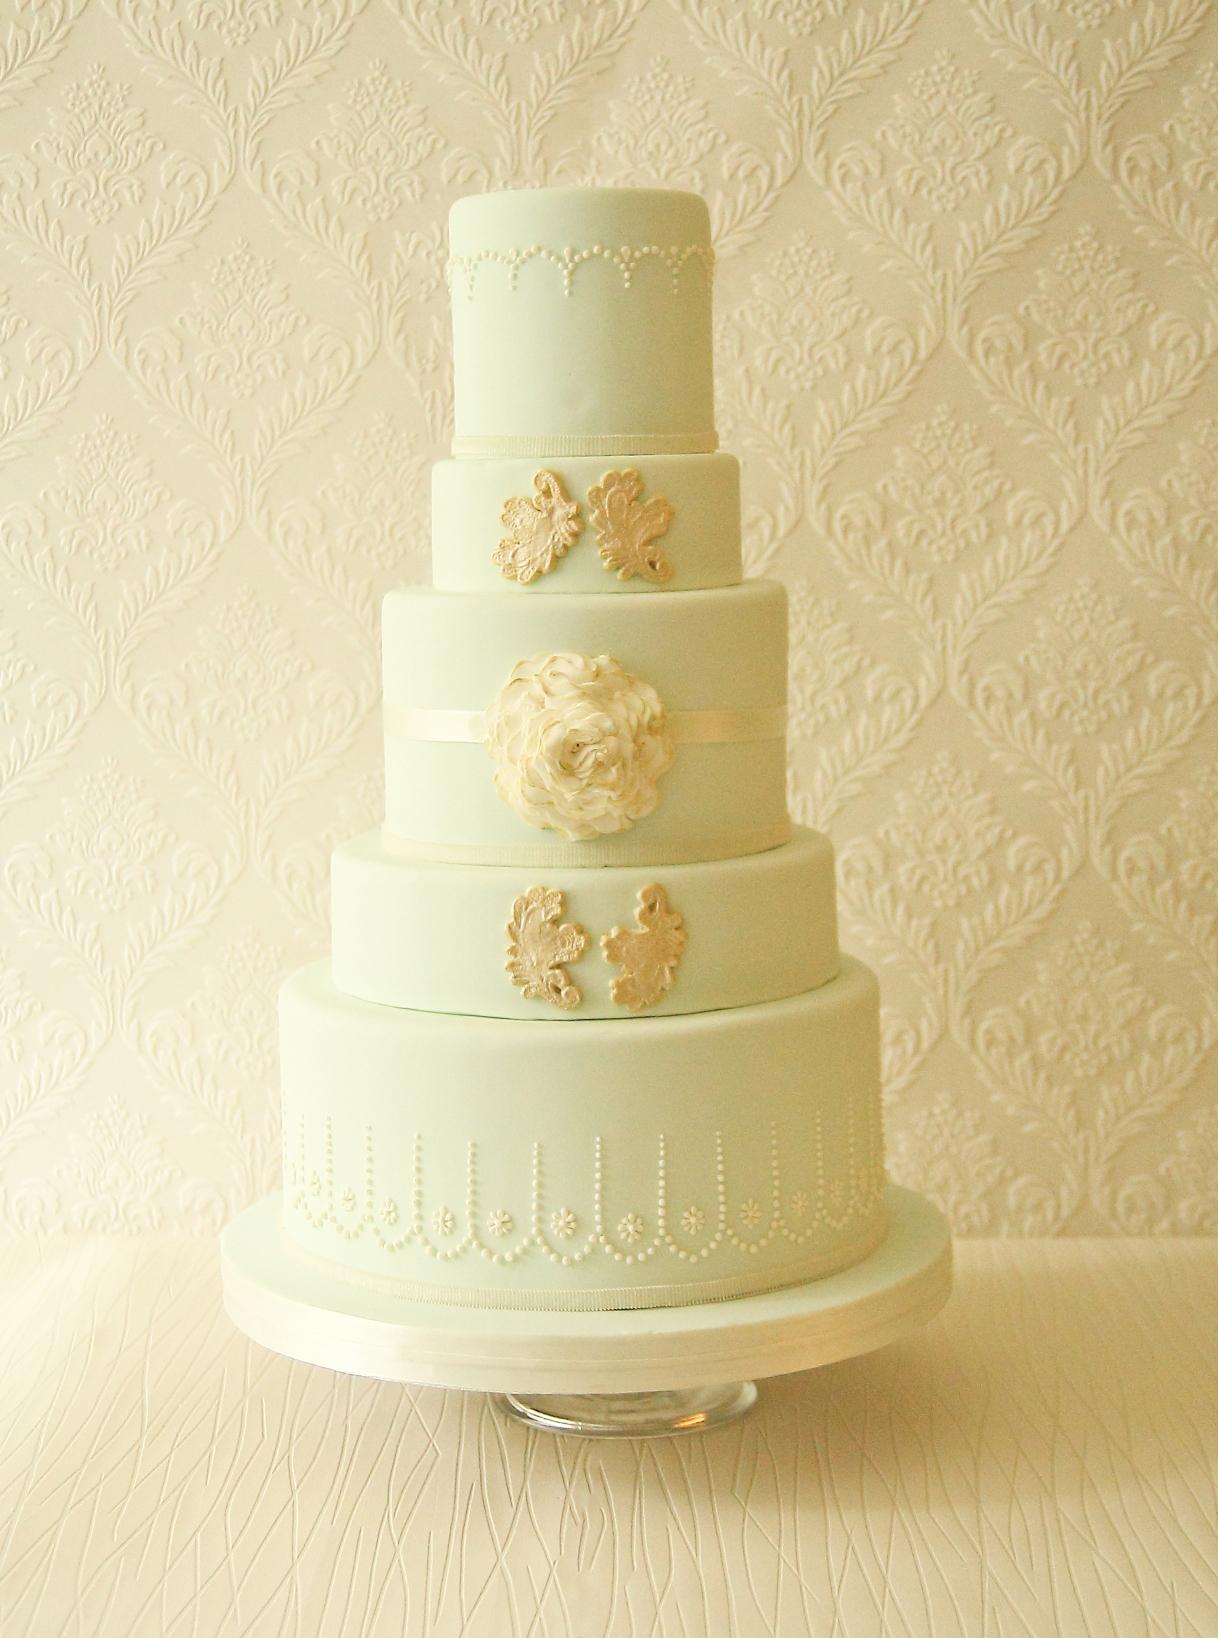 Aphrodite wedding cake